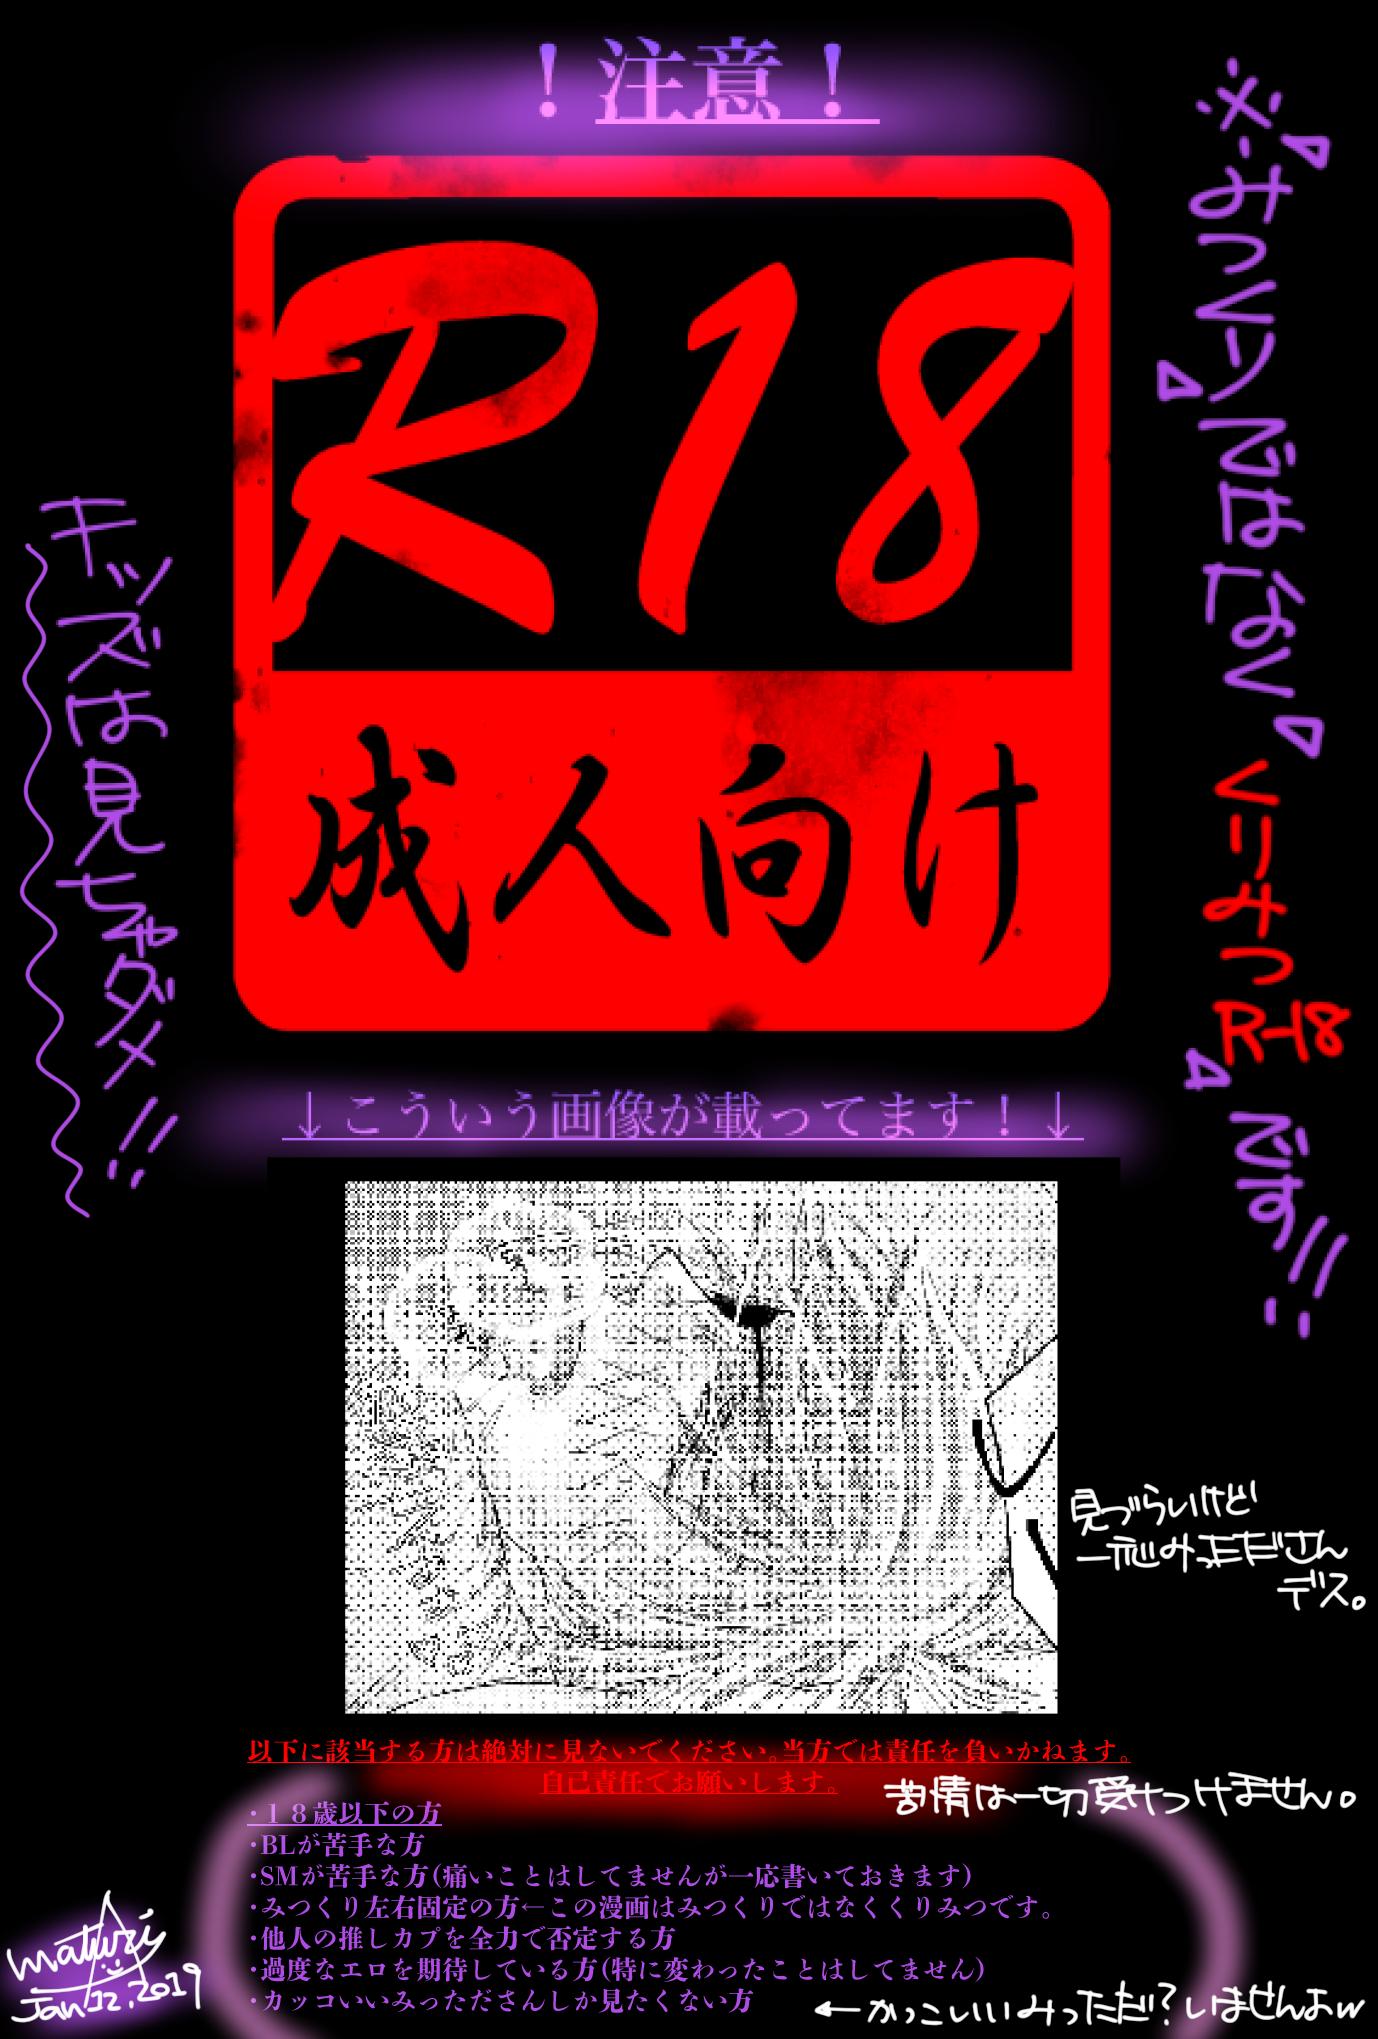 くりみつR-18注意書き表紙